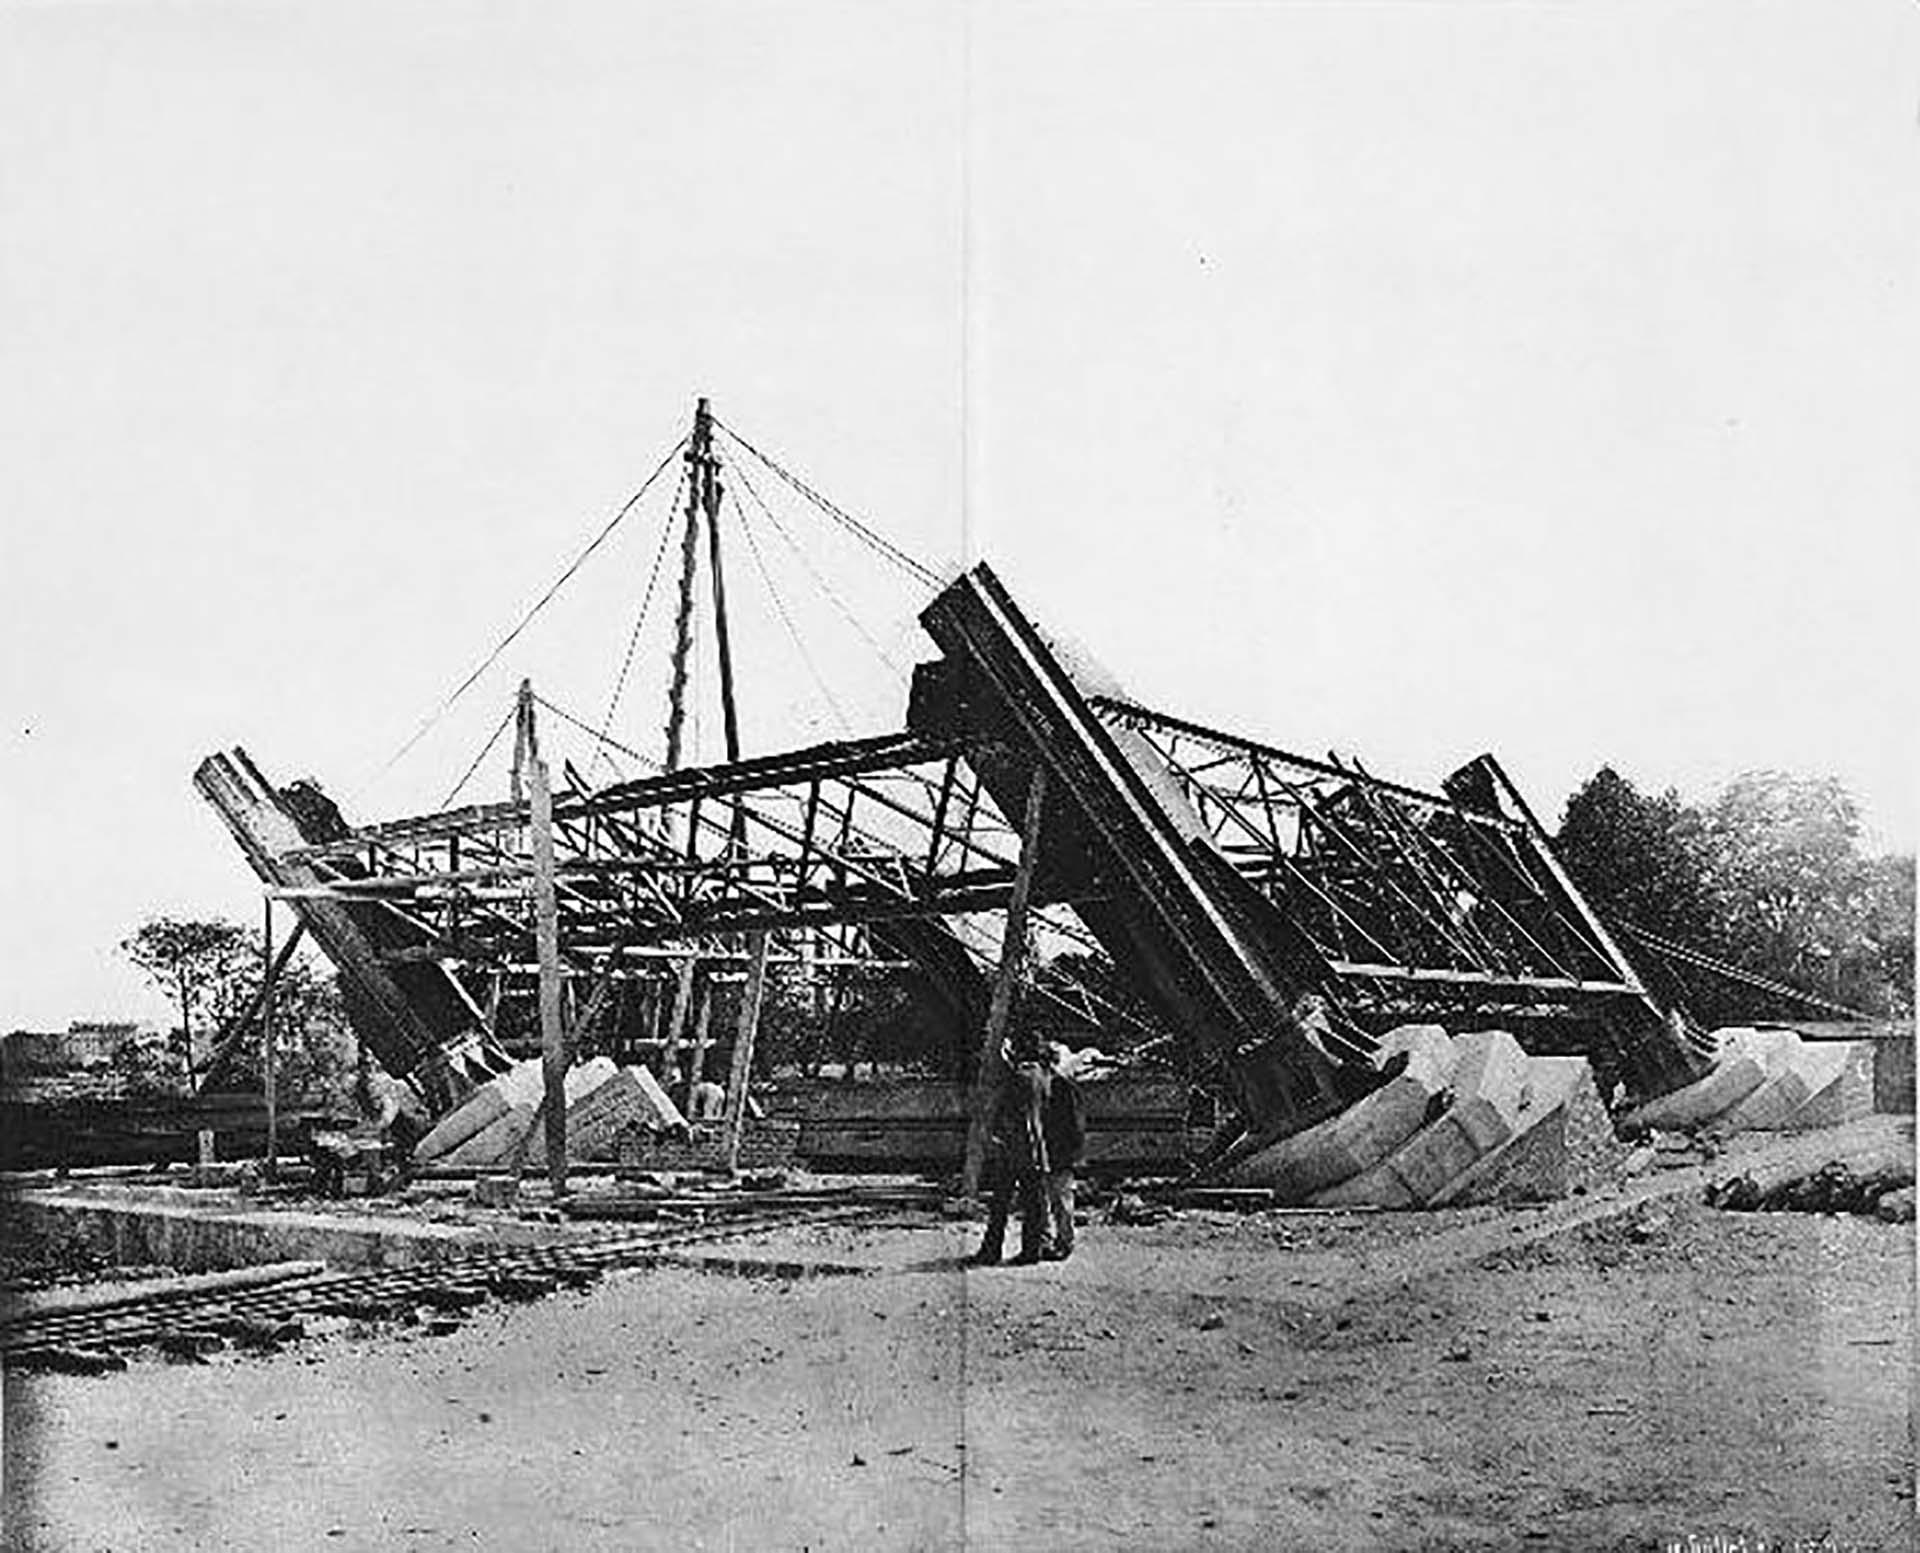 La construcción de la torre comenzó en enero de 1887, con el objetivo de ser el ícono de la Exposición Universal de París de 1889. El diseño contemplaba 18.038 piezas de acero ensambladas con 2,5 millones de remaches.